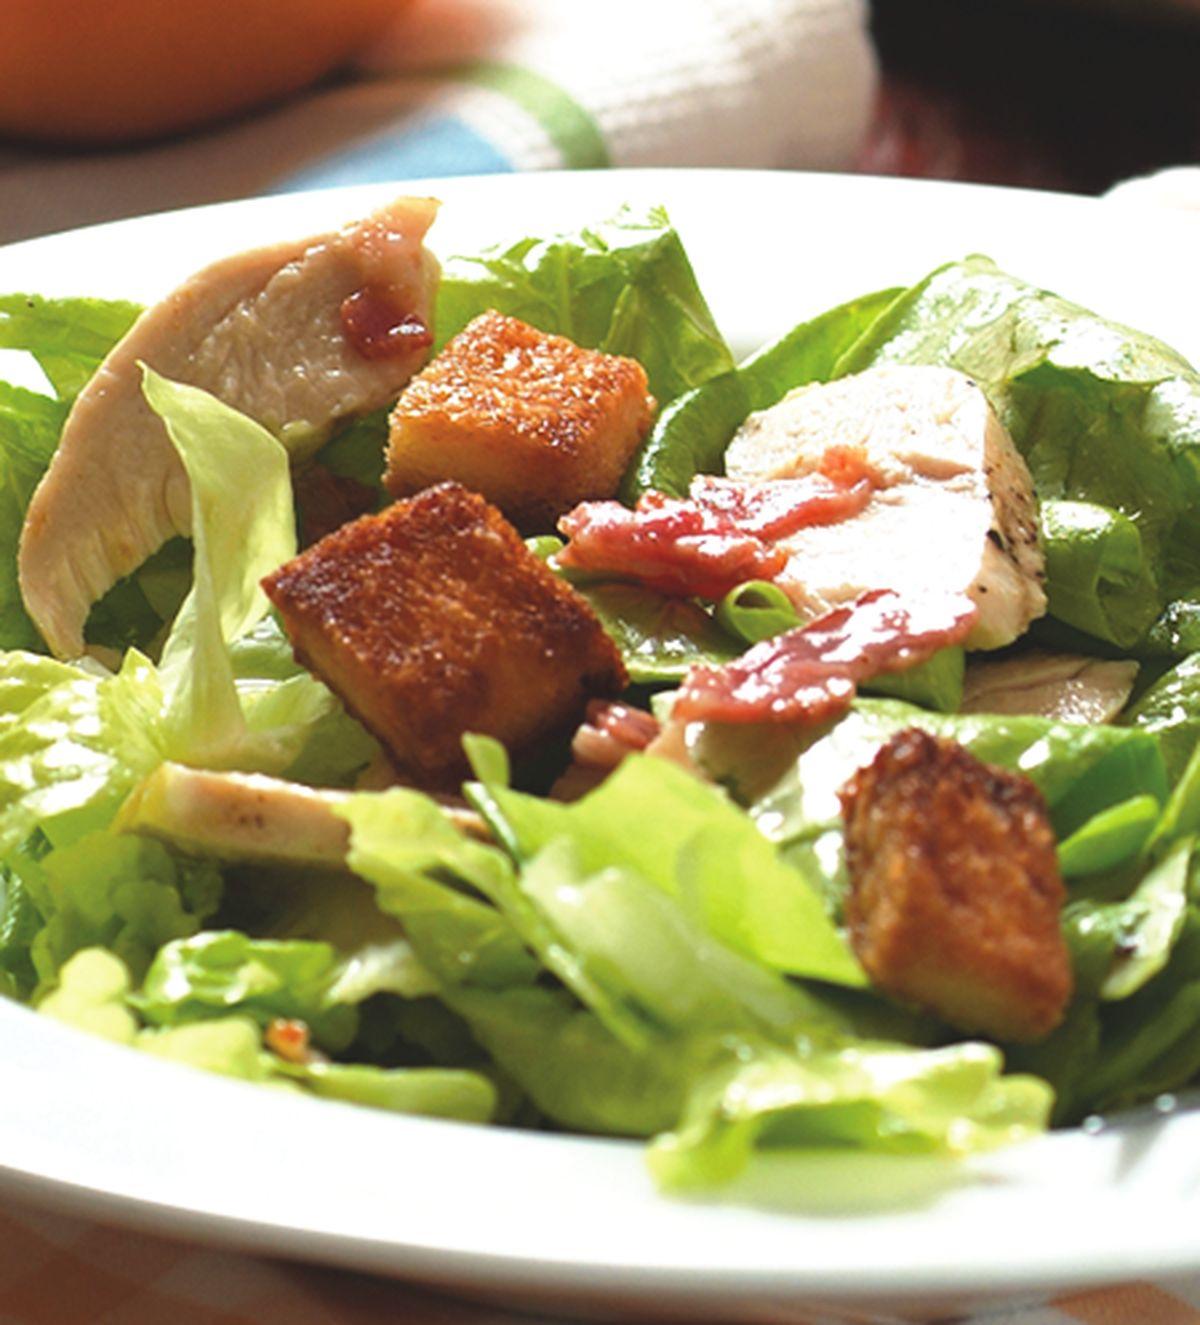 食譜:雞肉凱隡沙拉